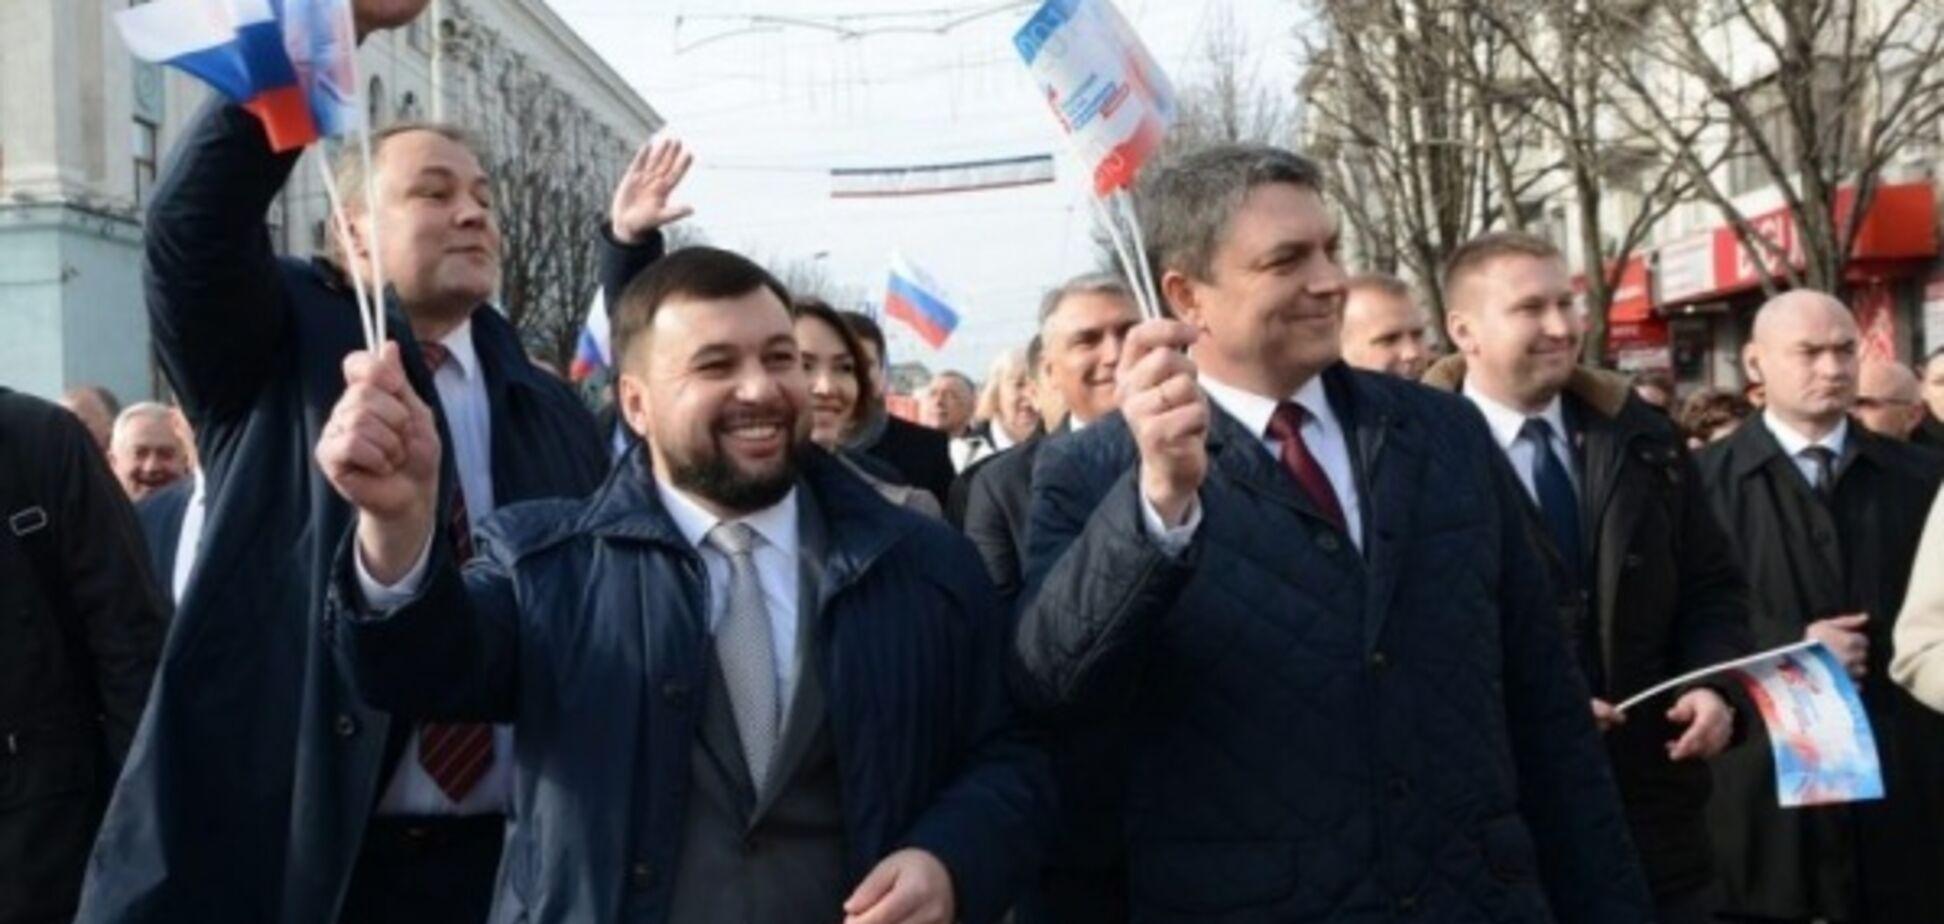 'Л/ДНР' повідомили про 'прямі переговори' з Україною щодо Донбасу: у Кучми не в курсі